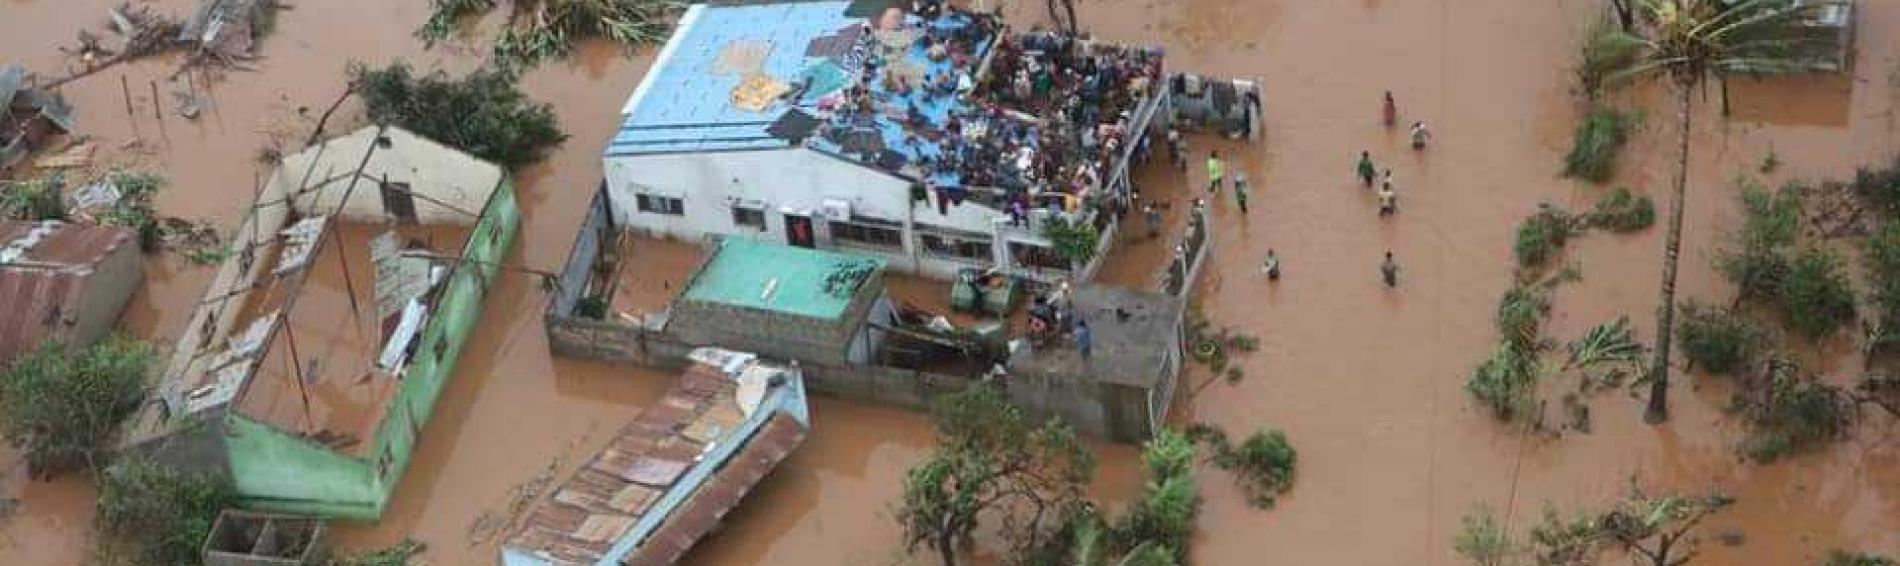 Überflutungen in Mosambik nach Wirbelsturm Idai